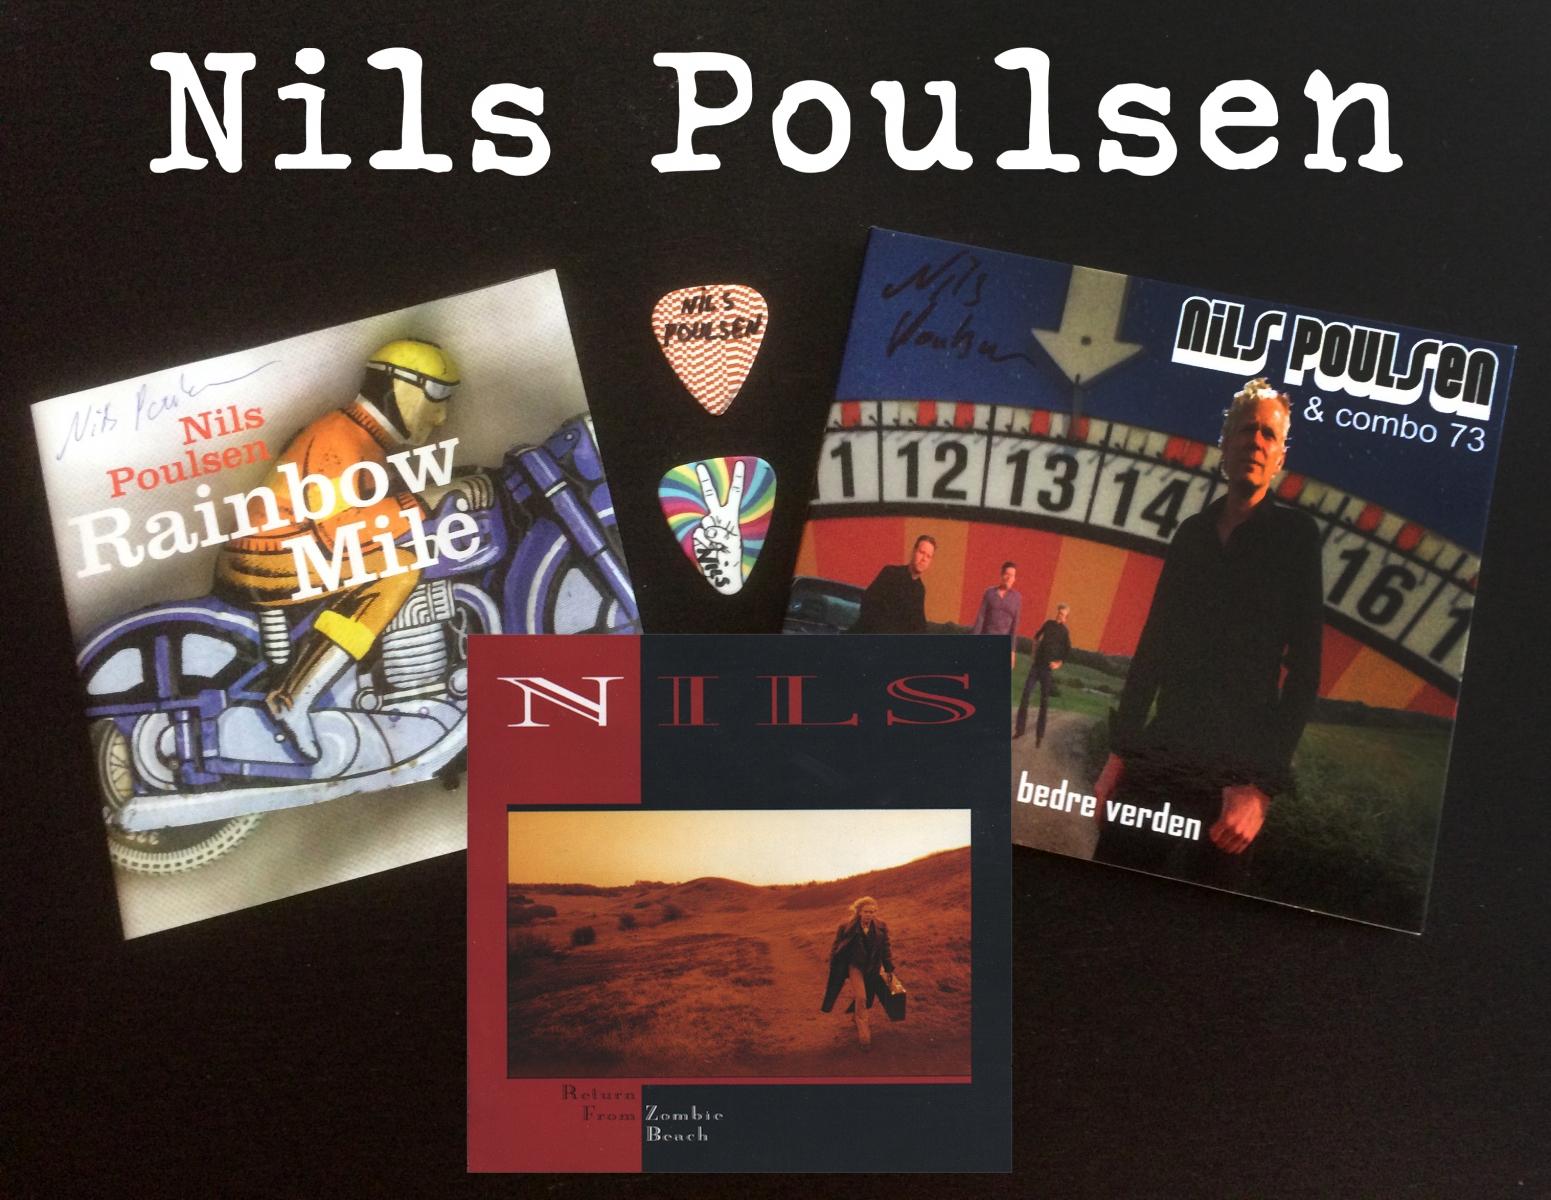 Nils Poulsen